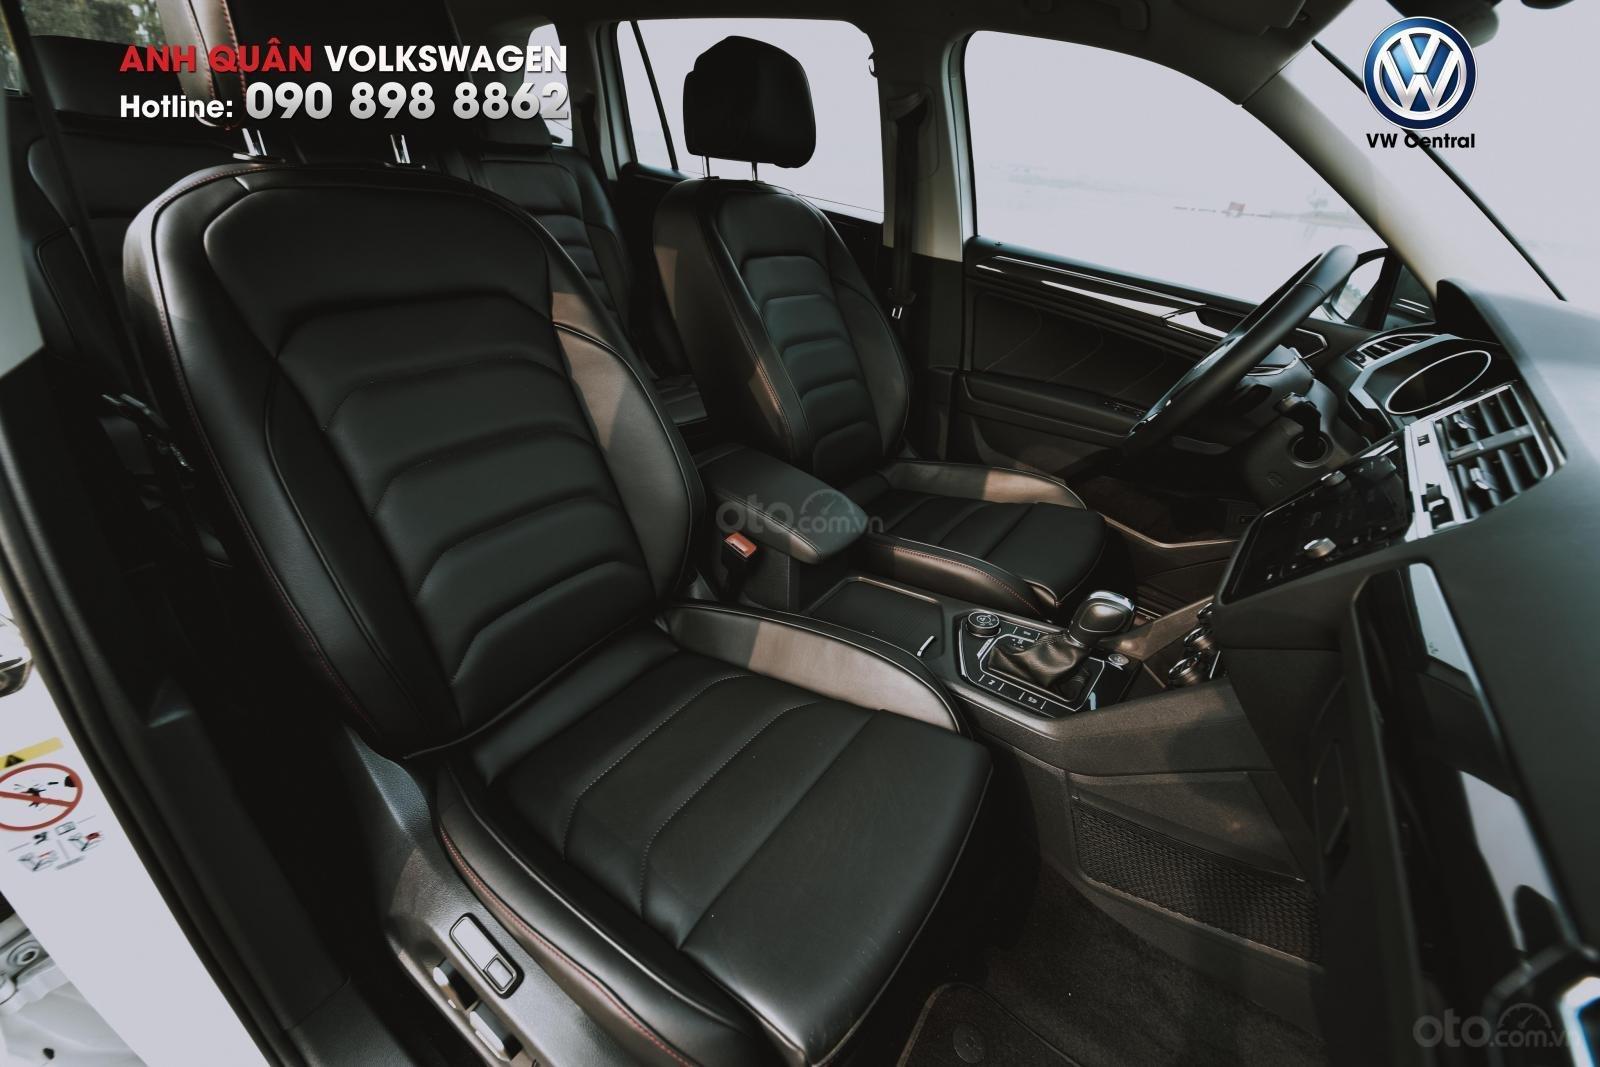 Tiguan Allspace Luxury 2020 - nhập khẩu, đủ màu, giao ngay|Hotline: 090-898-8862 (Anh Quân - VW Sài Gòn) (21)